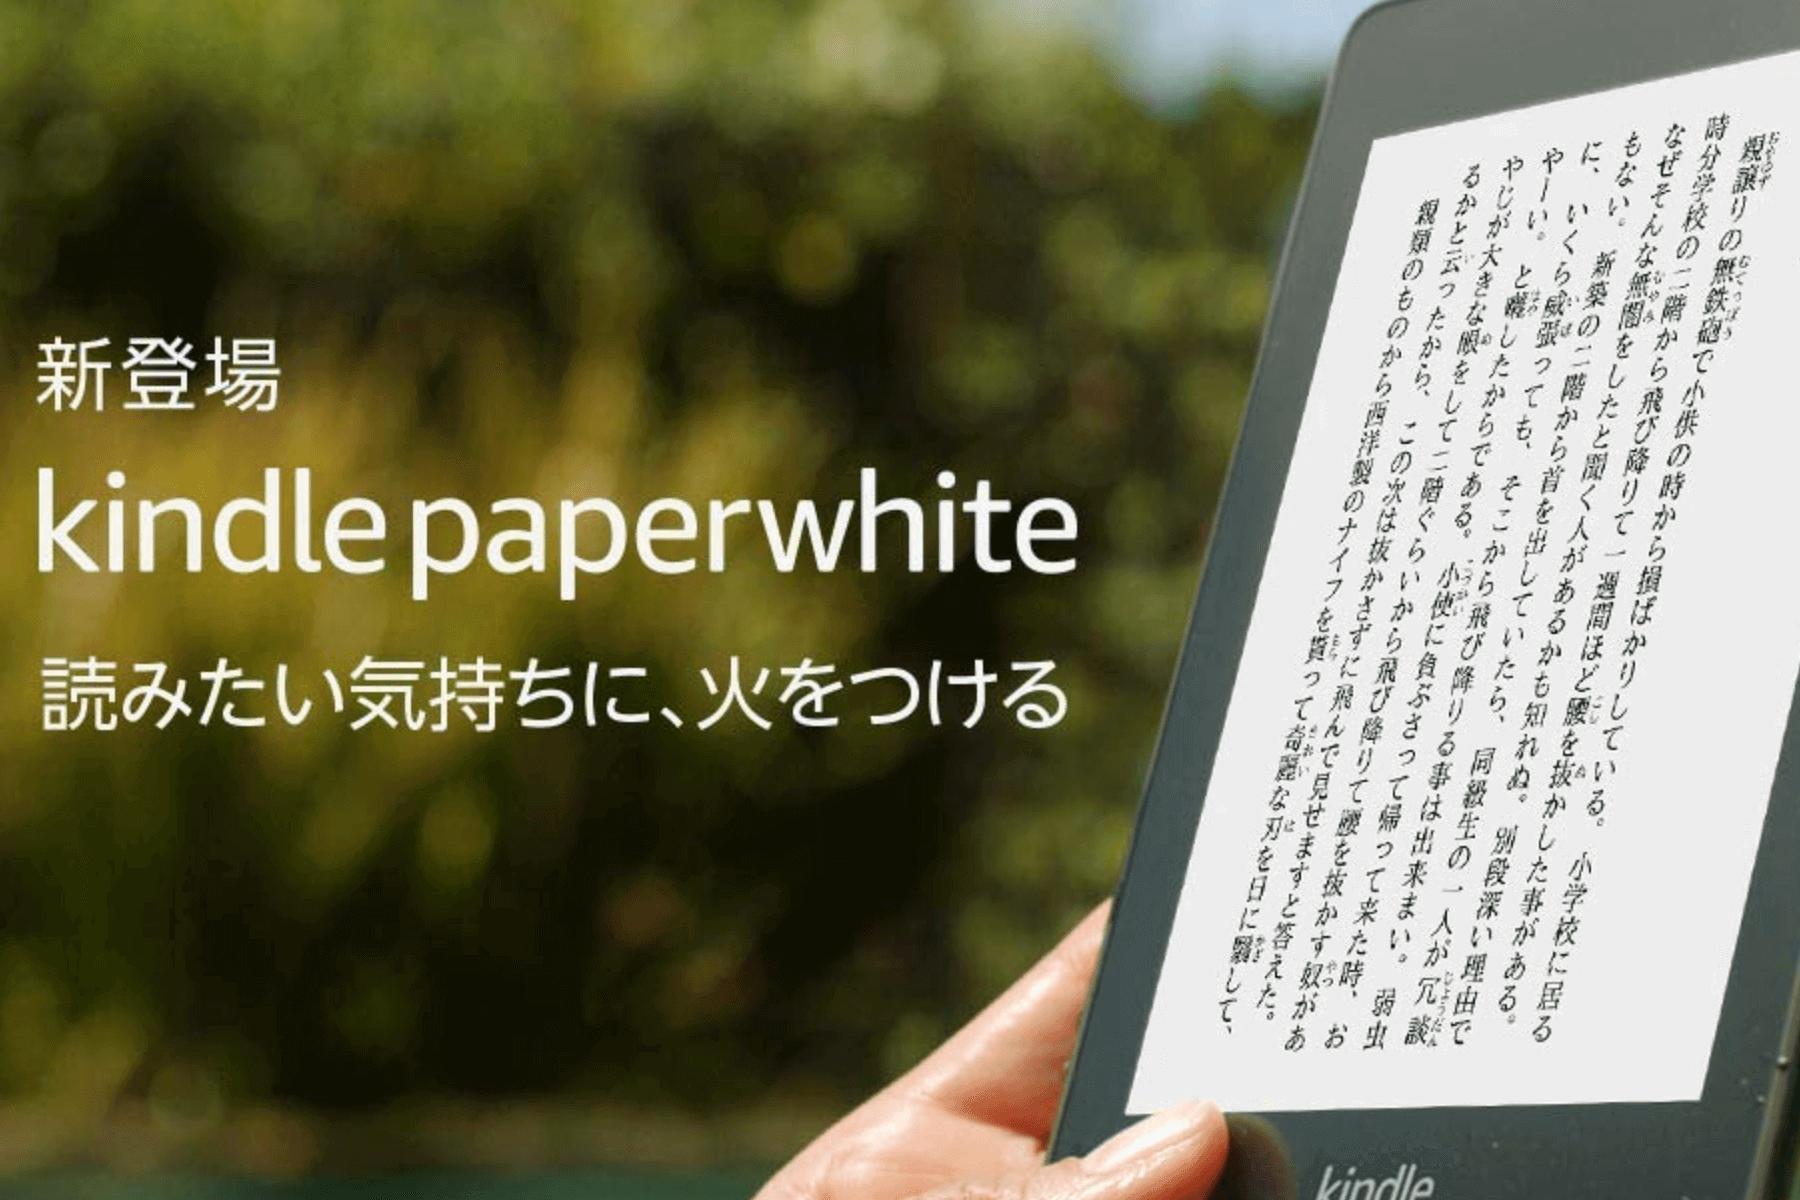 2018年の新型kindle Paperwhiteは防水モデル!11月7日に発売するのでみんな予約しようぜ!!